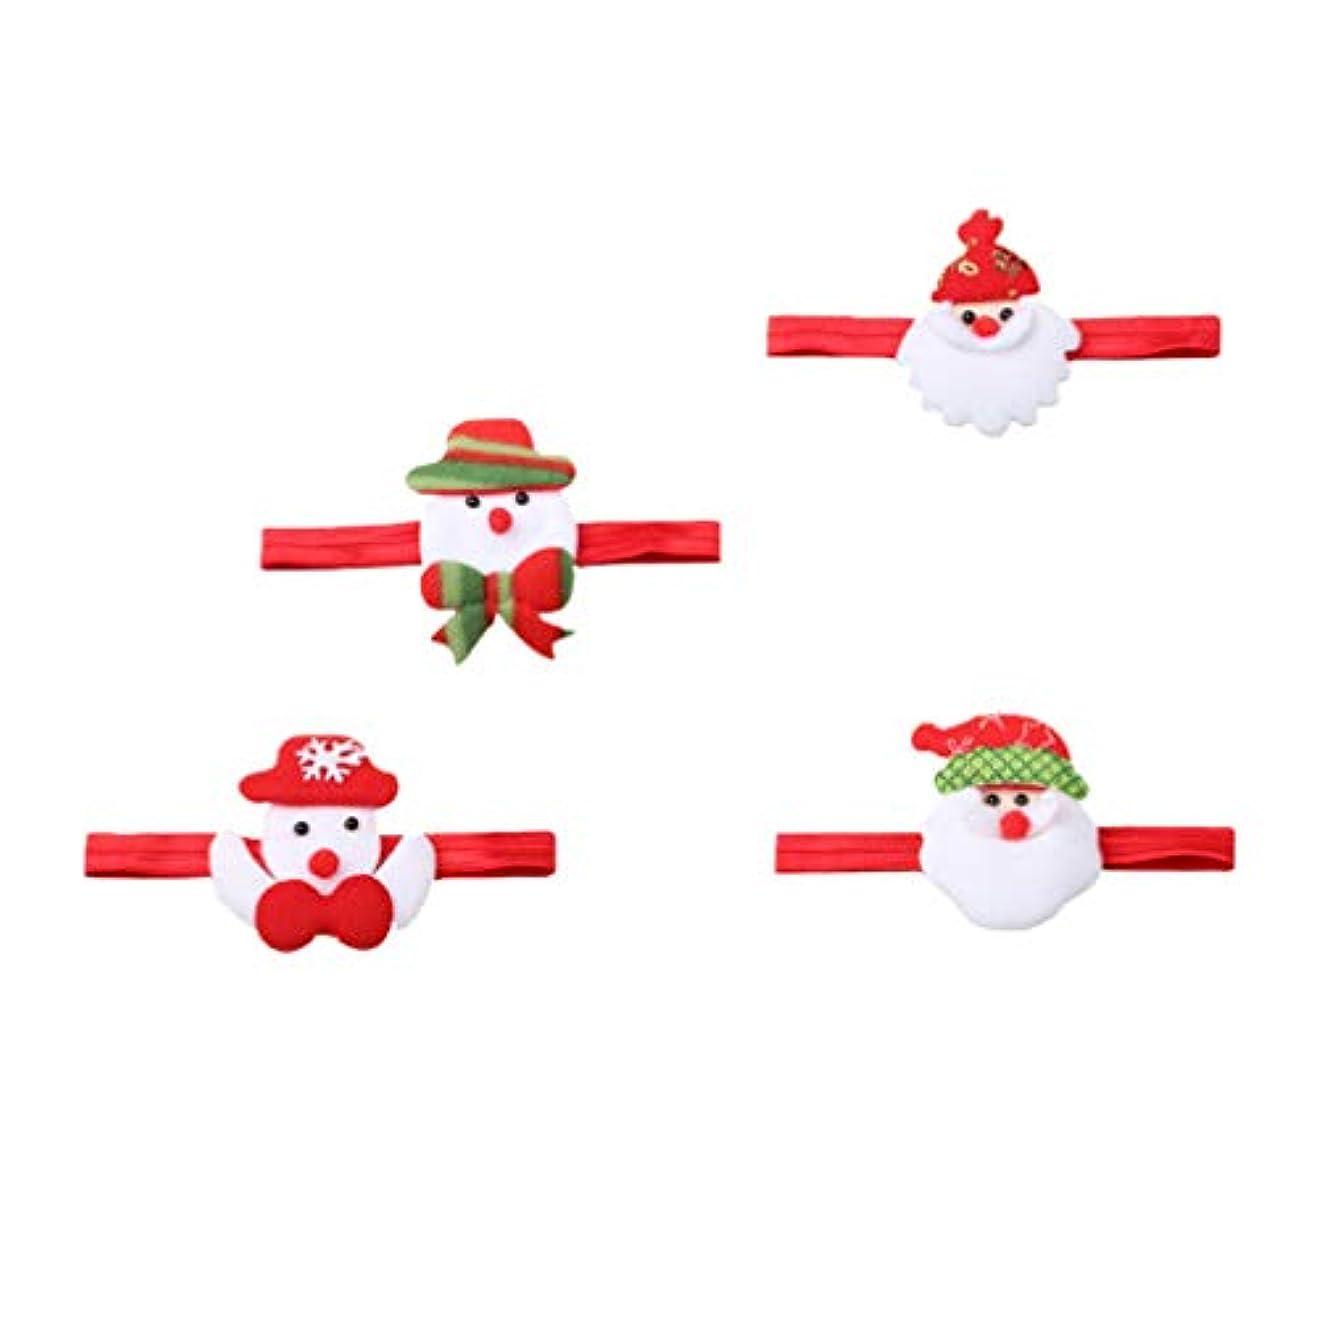 分数準備した例外Lurrose クリスマスサンタカチューシャ雪だるまヘアバンド漫画サンタクロース頭飾り用クリスマスホリデーパーティー4ピース